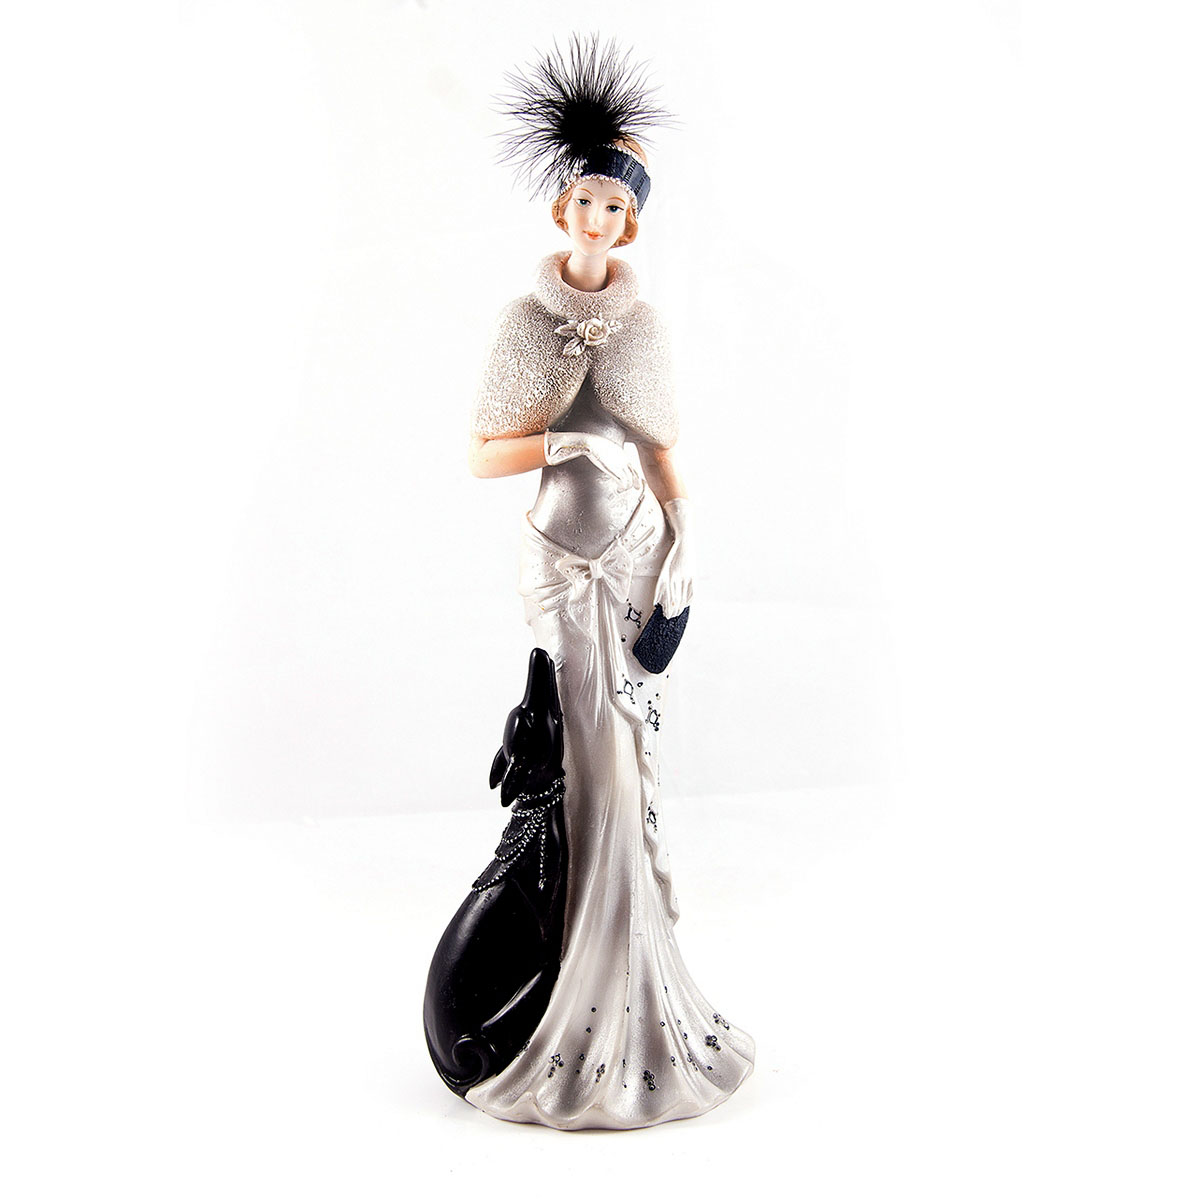 Статуэтка Русские Подарки Мисс Рандеву, 11 х 10 х 31 см74-0120Статуэтка Русские Подарки Мисс Рандеву, изготовленная изполистоуна, имеет изысканный внешний вид. Изделие станет прекрасным украшением интерьерагостиной, офиса или дома. Вы можете поставить статуэтку влюбое место, где она будет удачно смотреться и радоватьглаз. Правила ухода: регулярно вытирать пыль сухой, мягкой тканью.